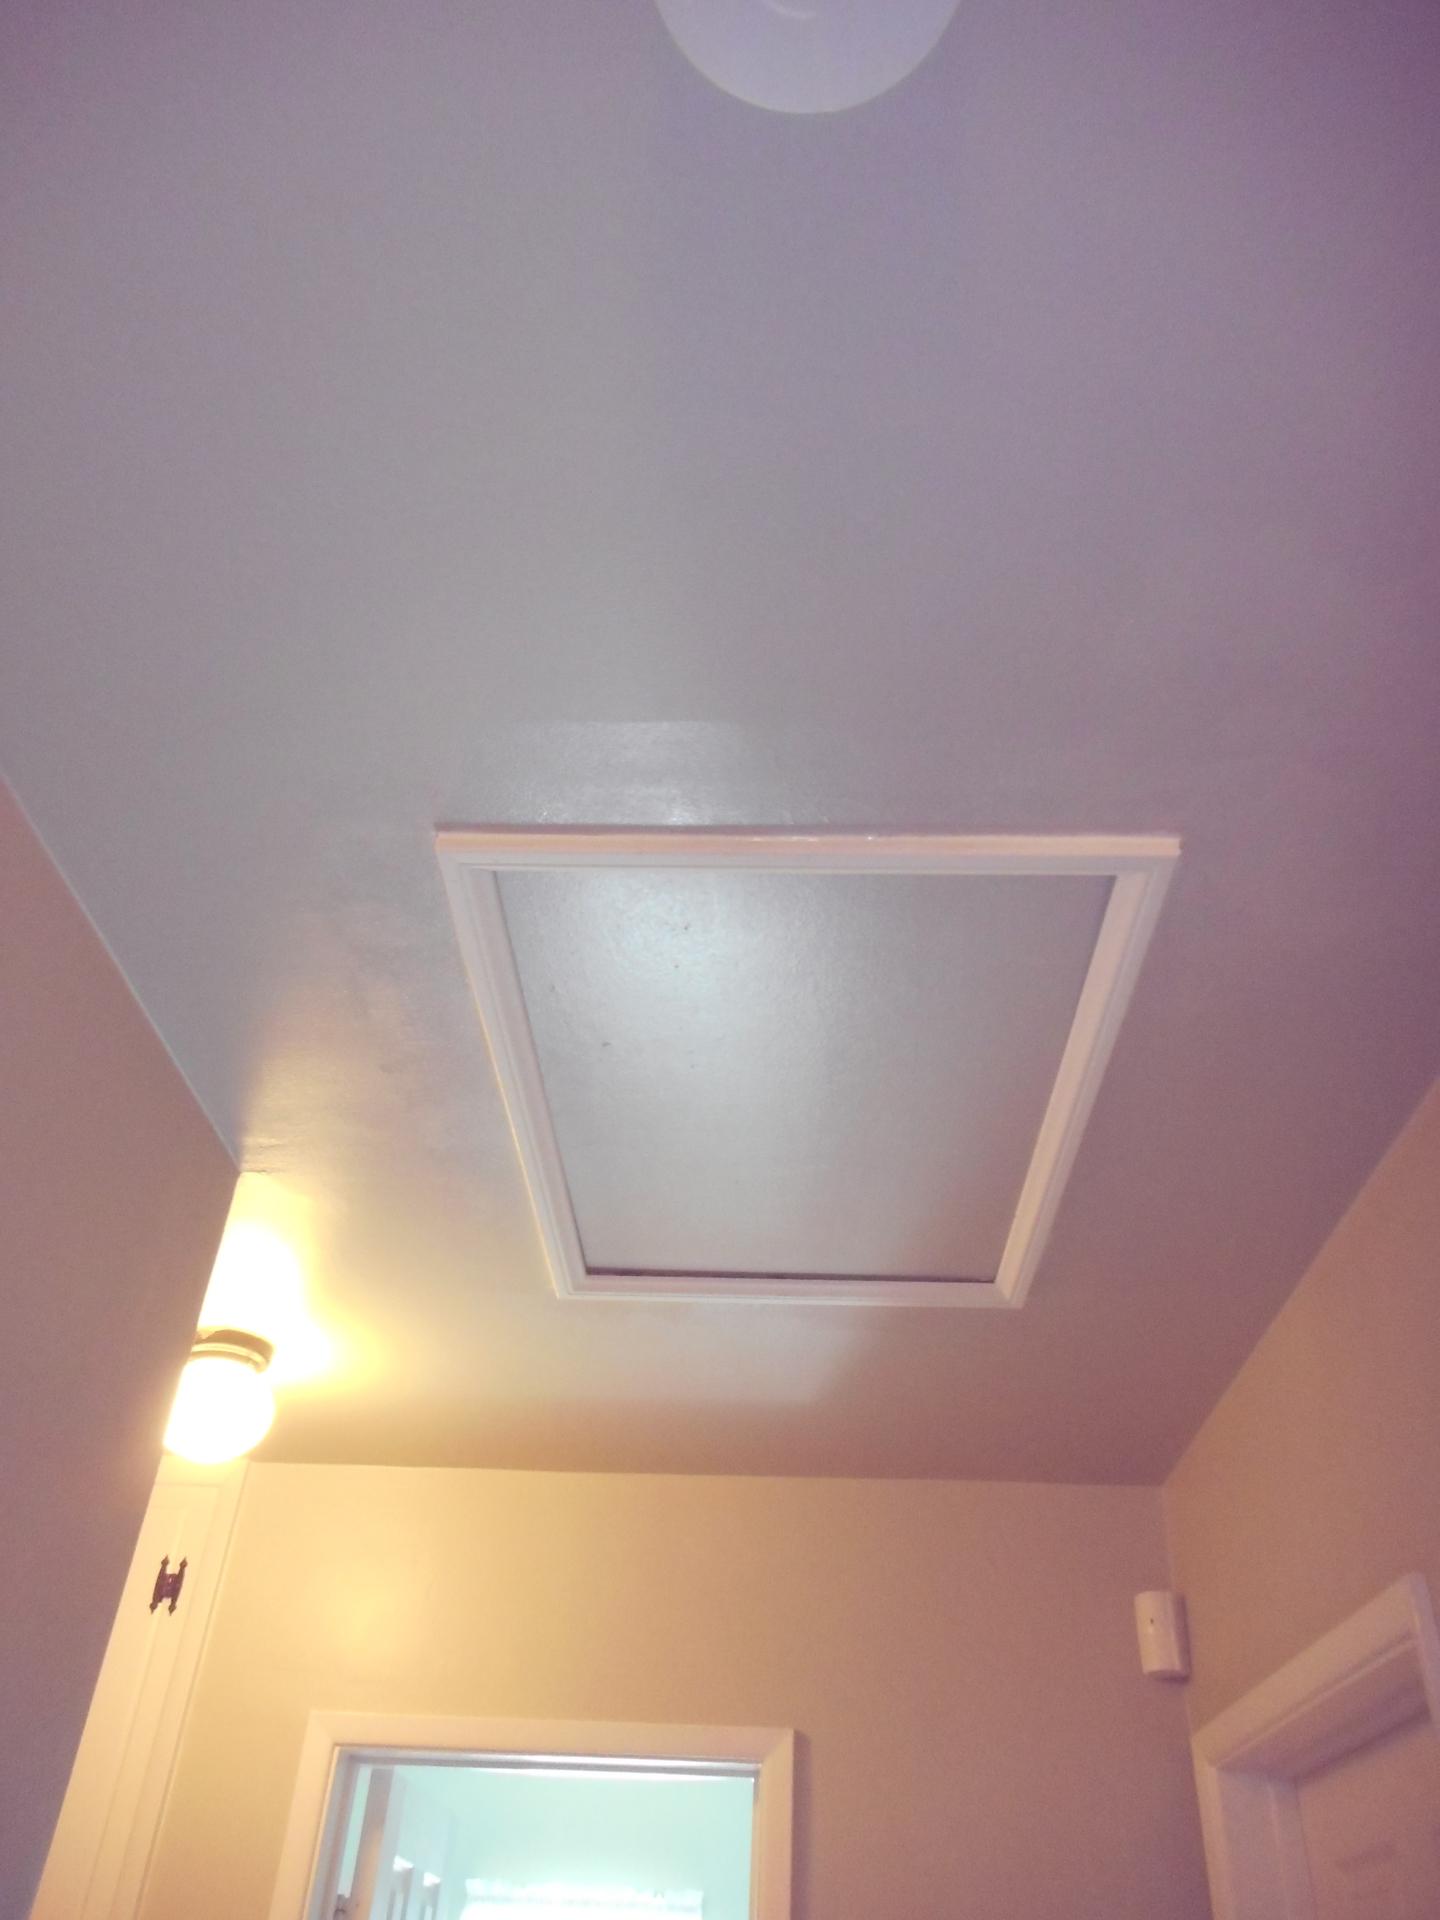 Custom attic access